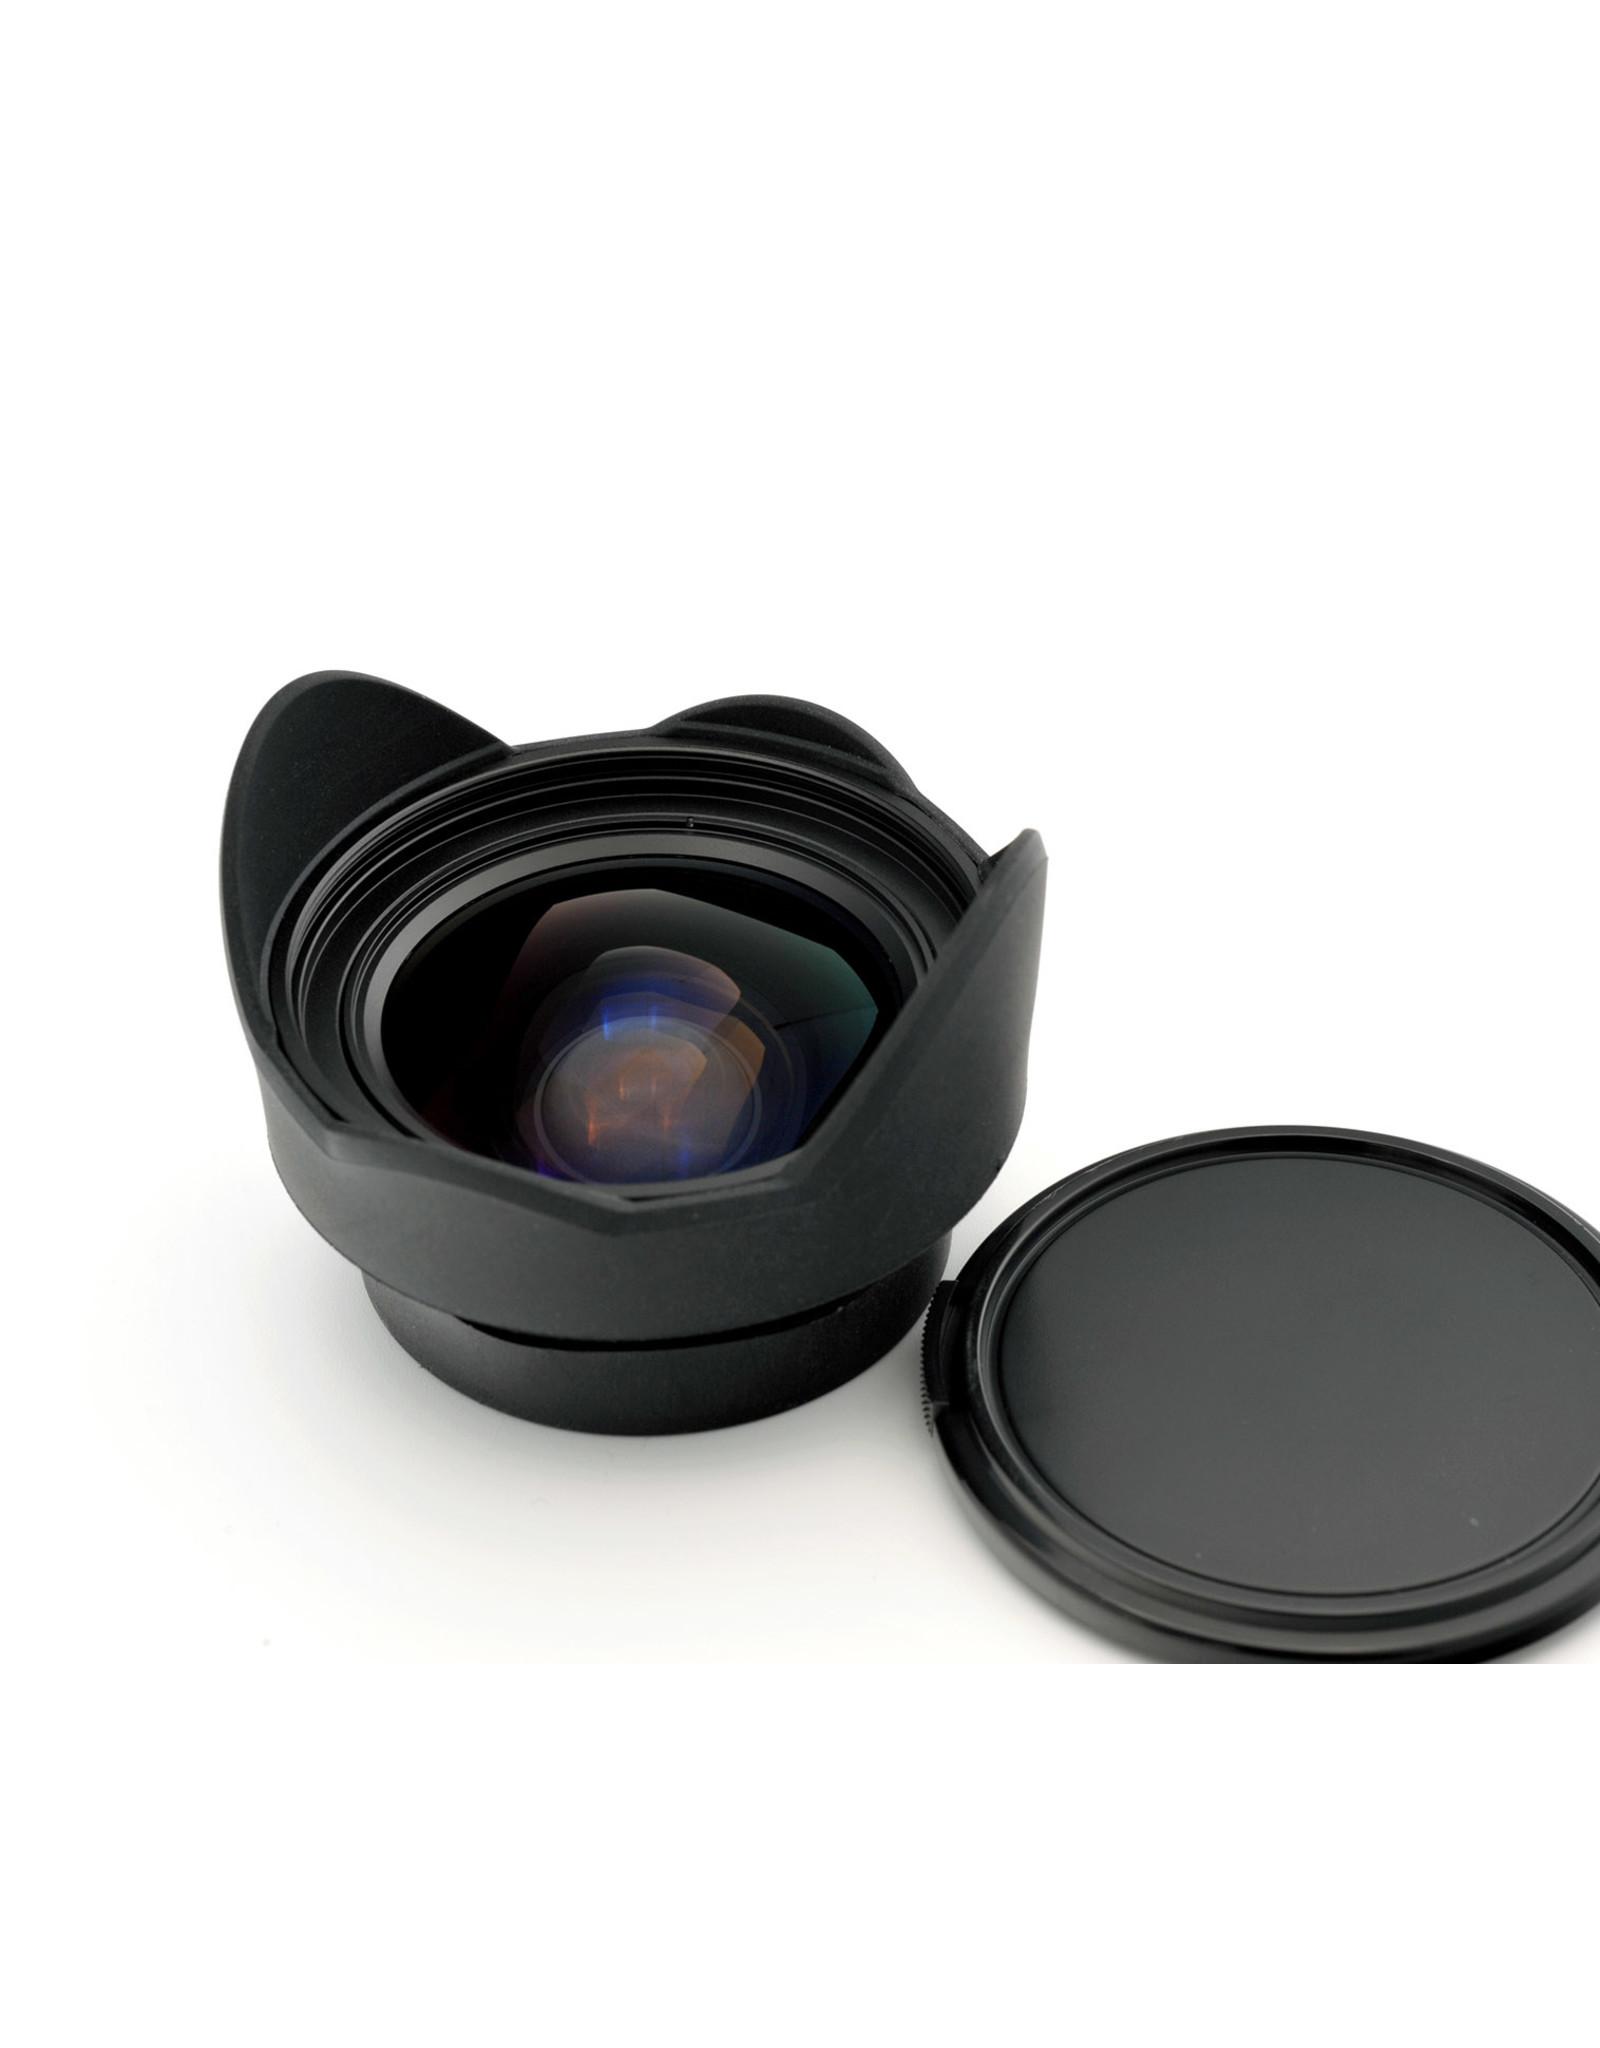 Ricoh Ricoh GW-3 0.75x Wide Conversion Lens   ALC111710